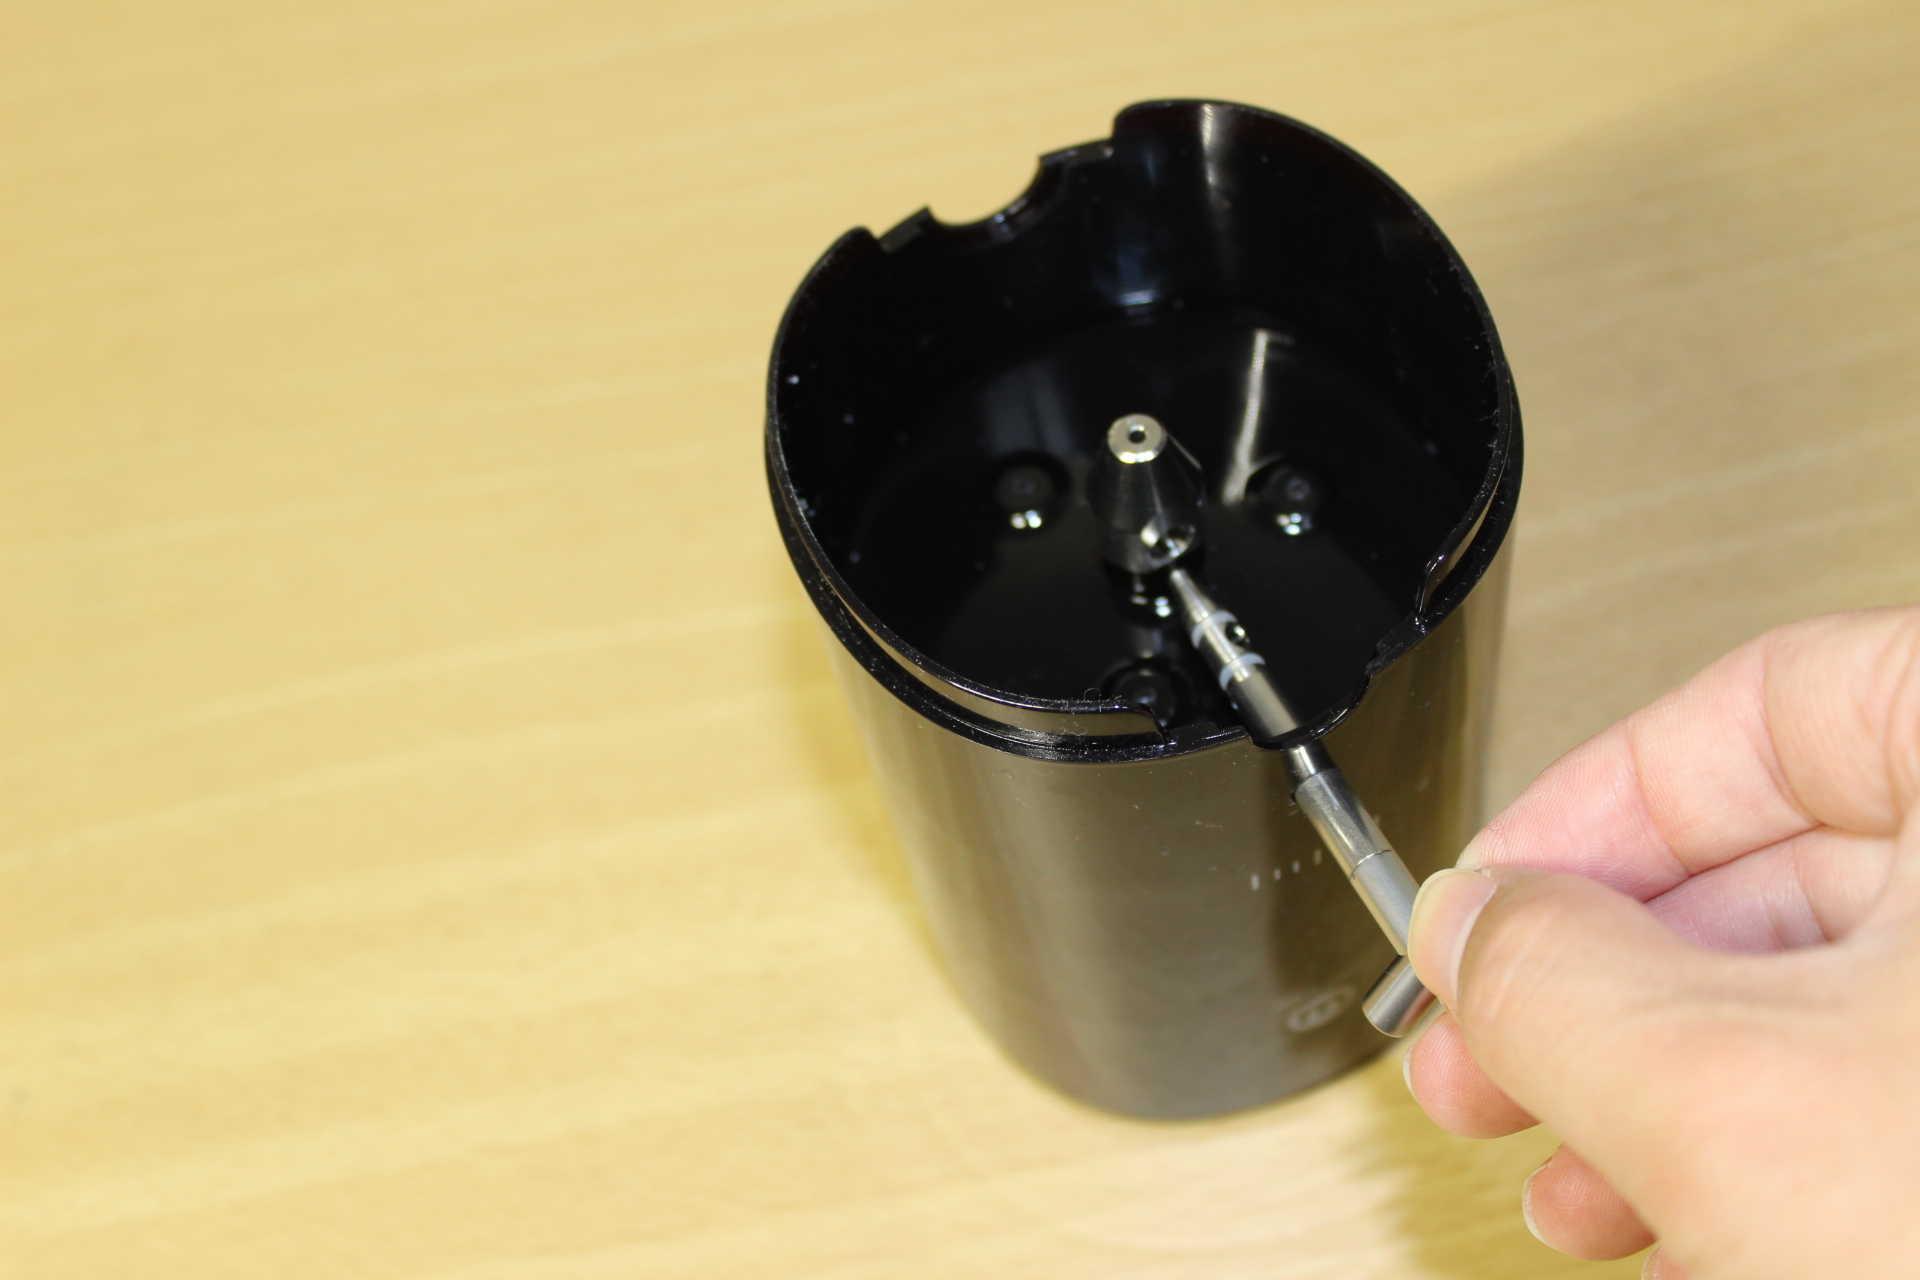 コールドブリューが作れるWiswell Water Dripperのコックシャフトの取り付け